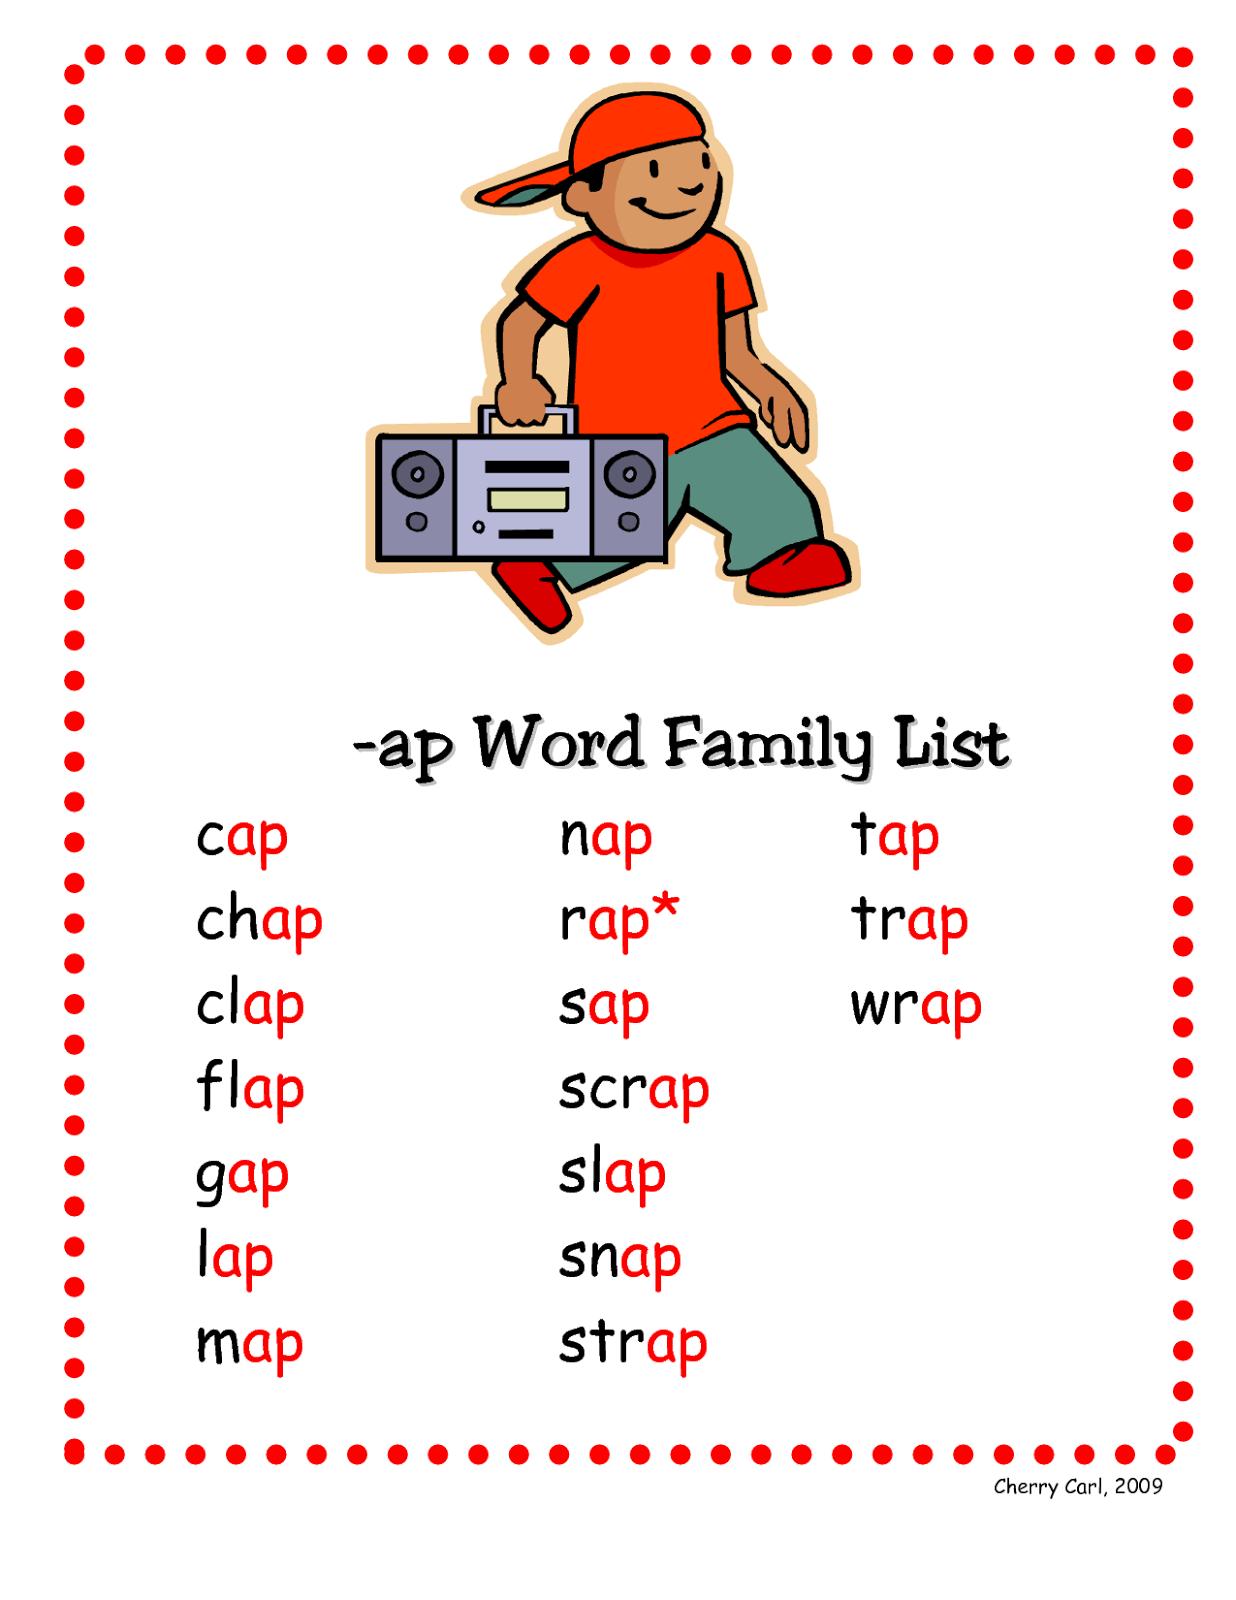 Spoken English Guide Rhyming Words rhyming words